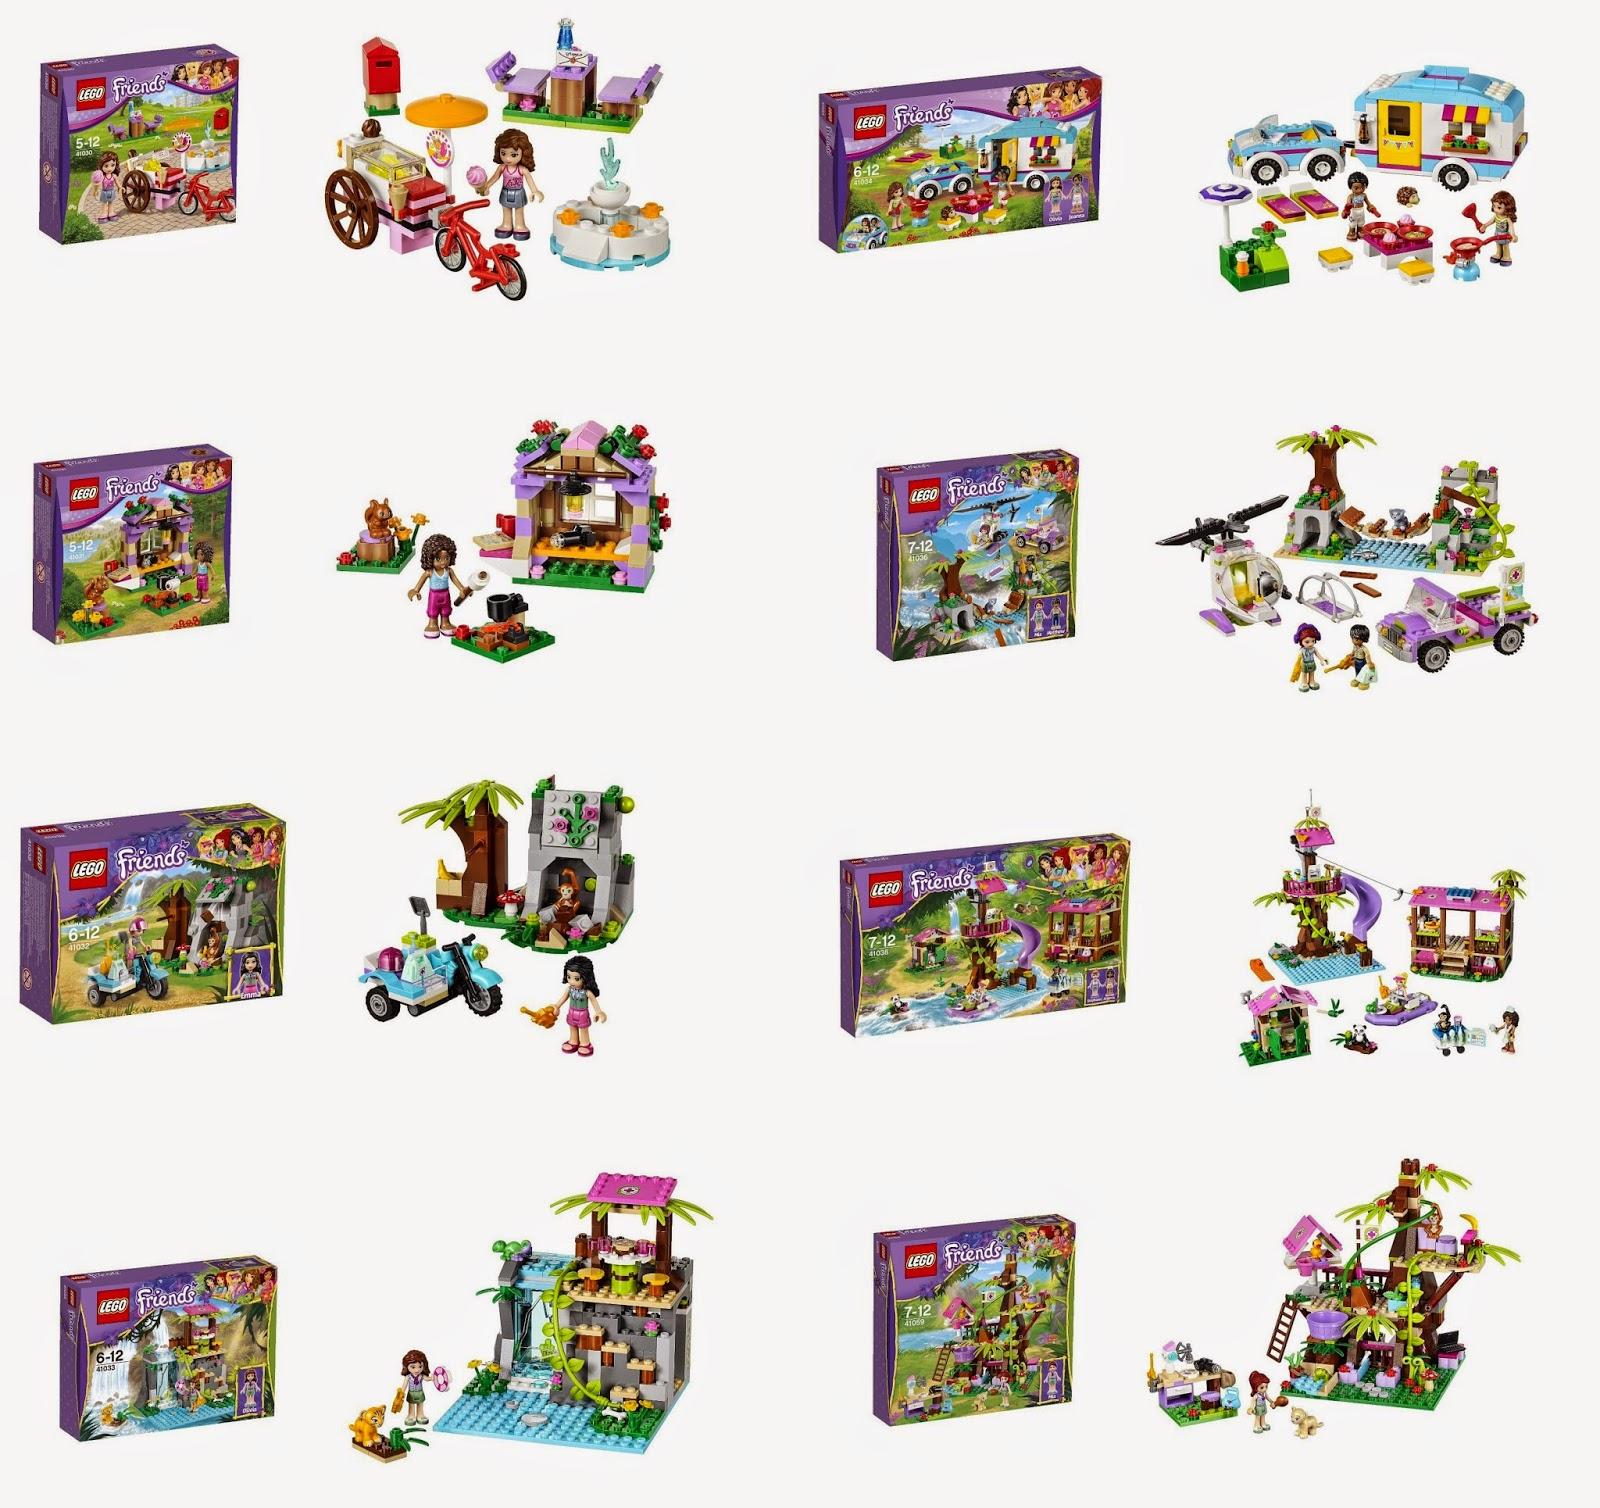 LEGO Friends 2014 - MojeKlocki24.pl